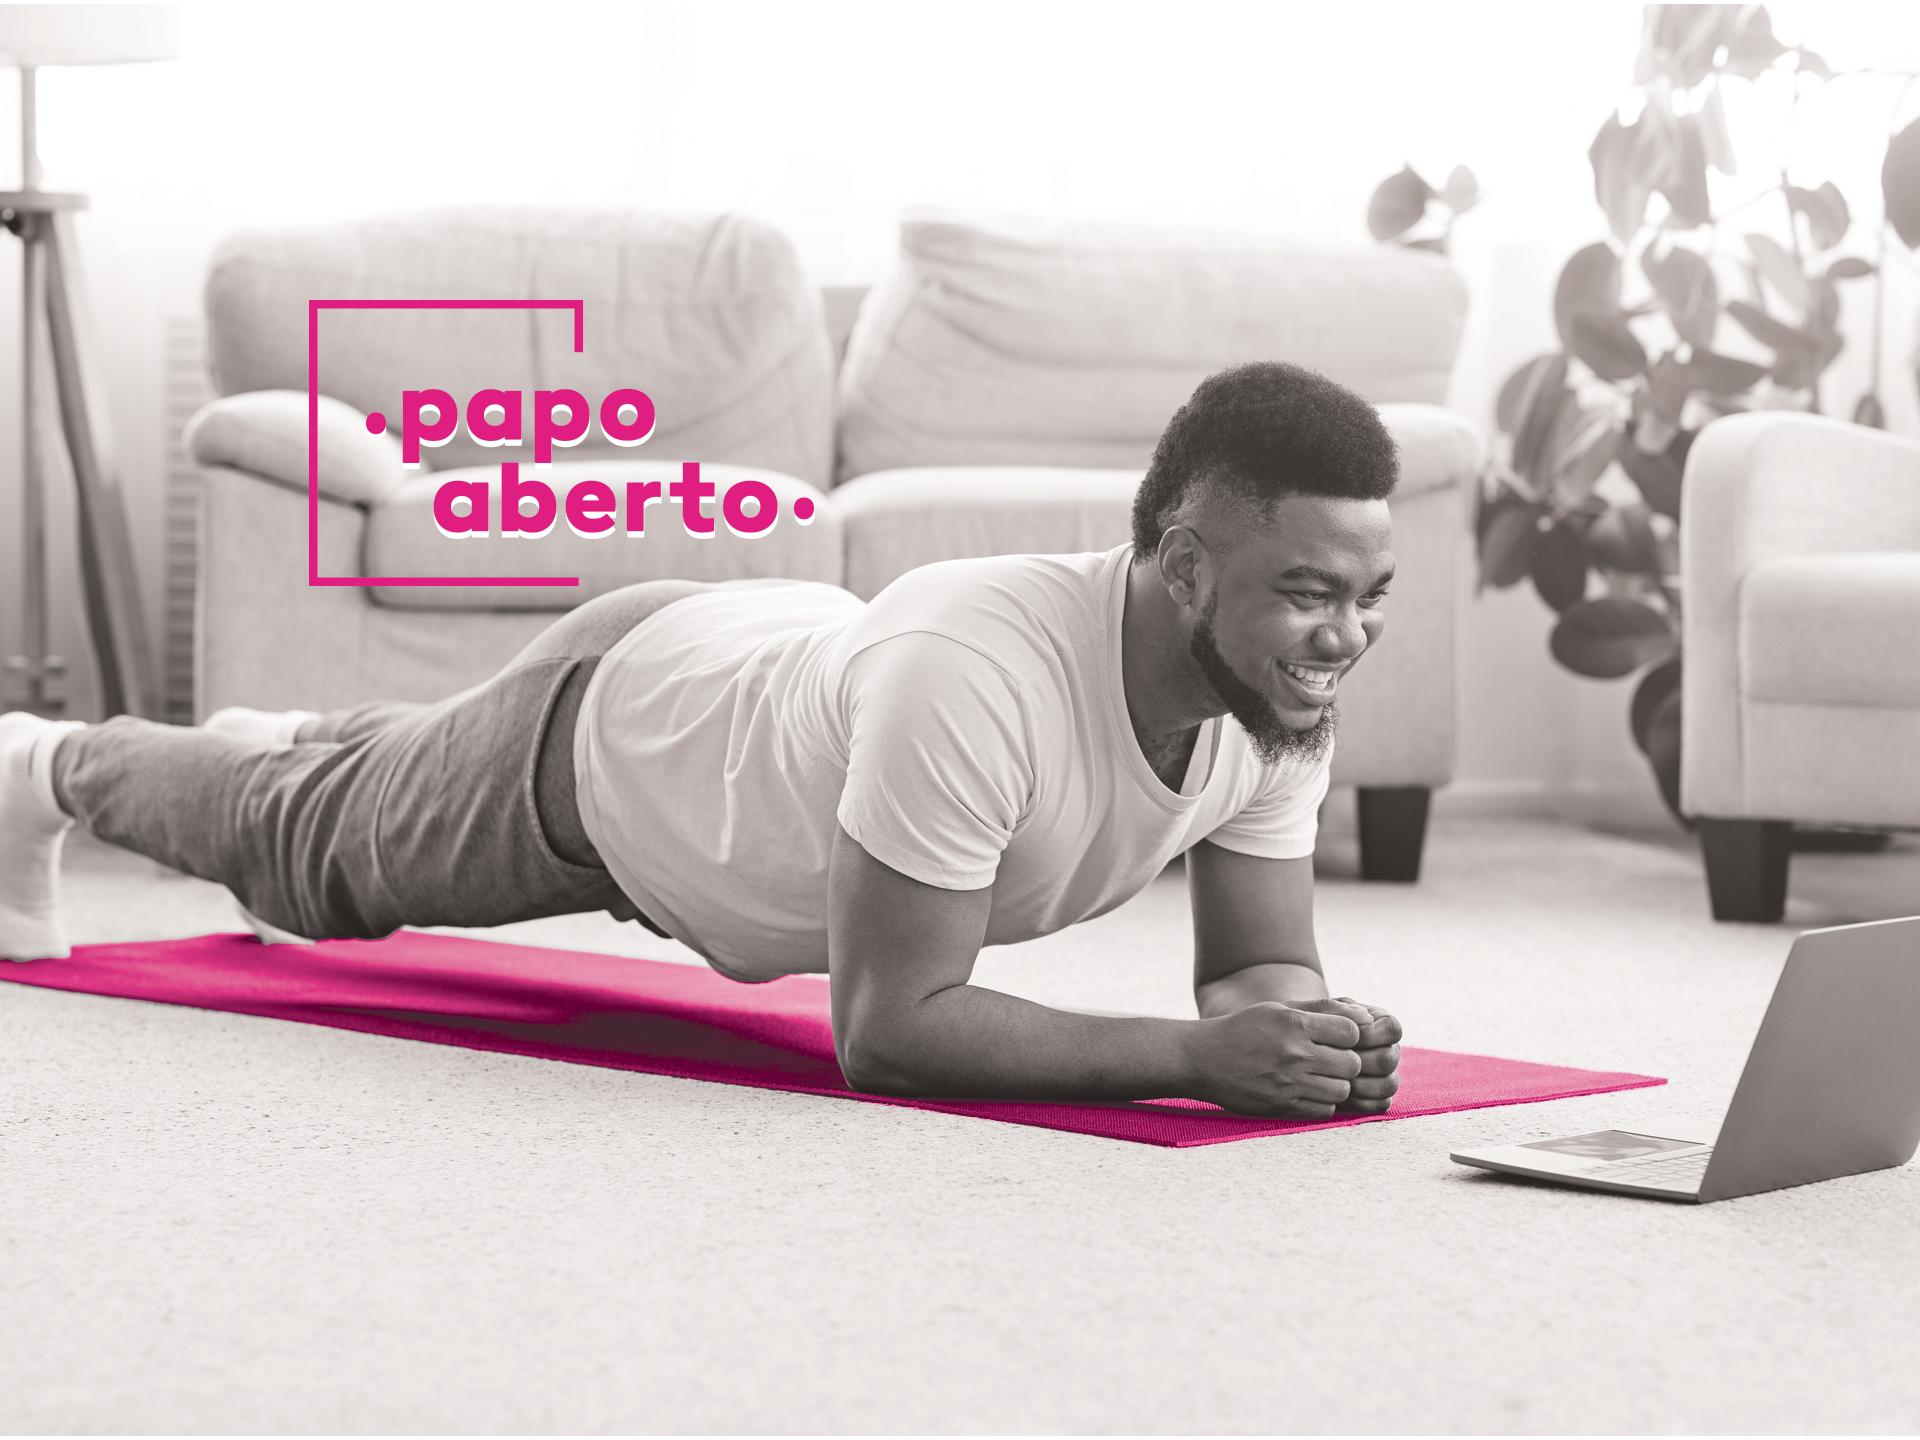 foto de um homem num tapete de exercício